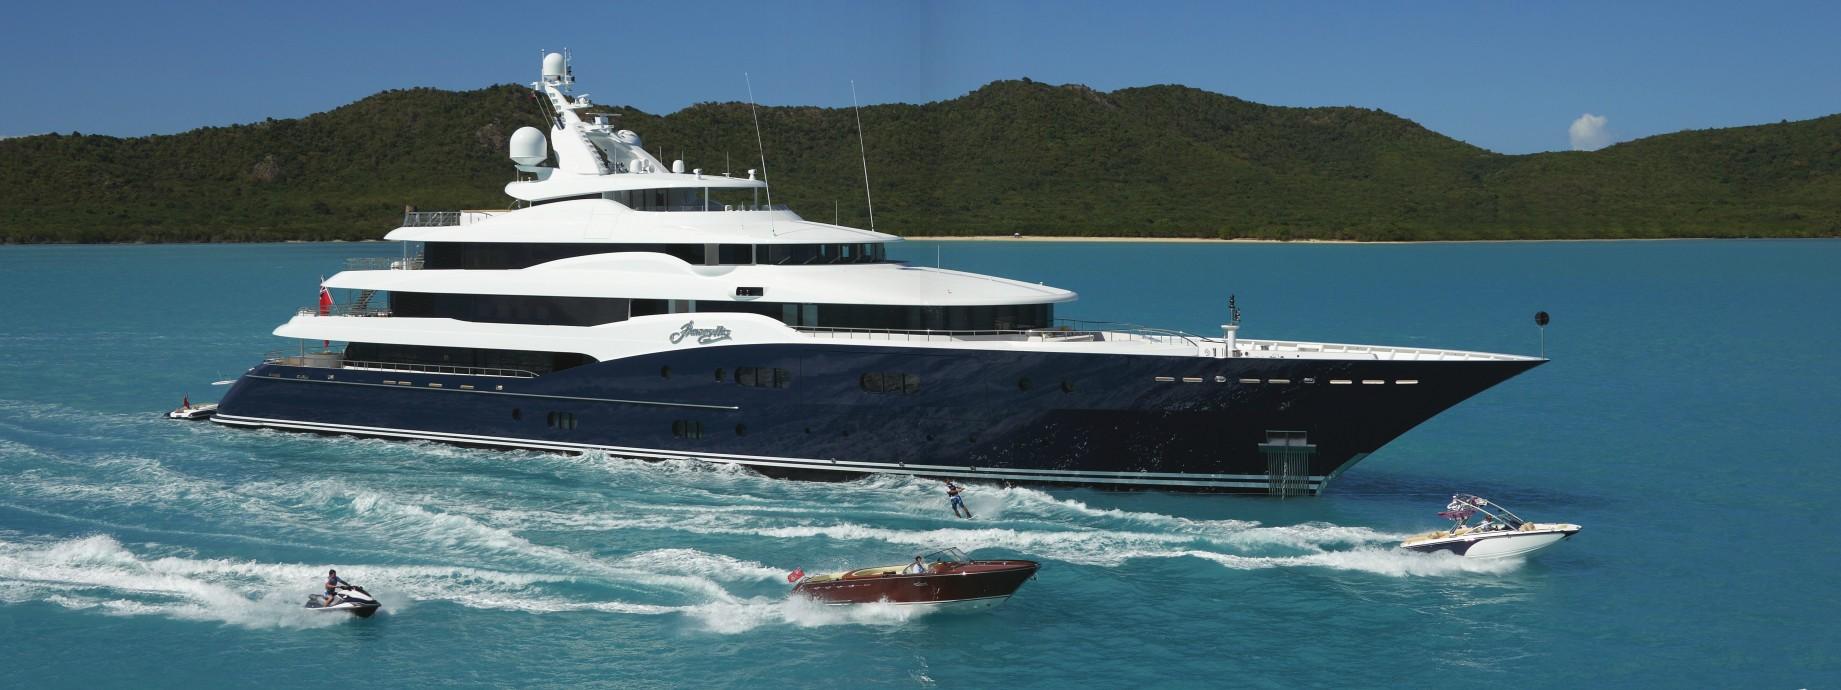 The 78m Yacht AMARYLLIS